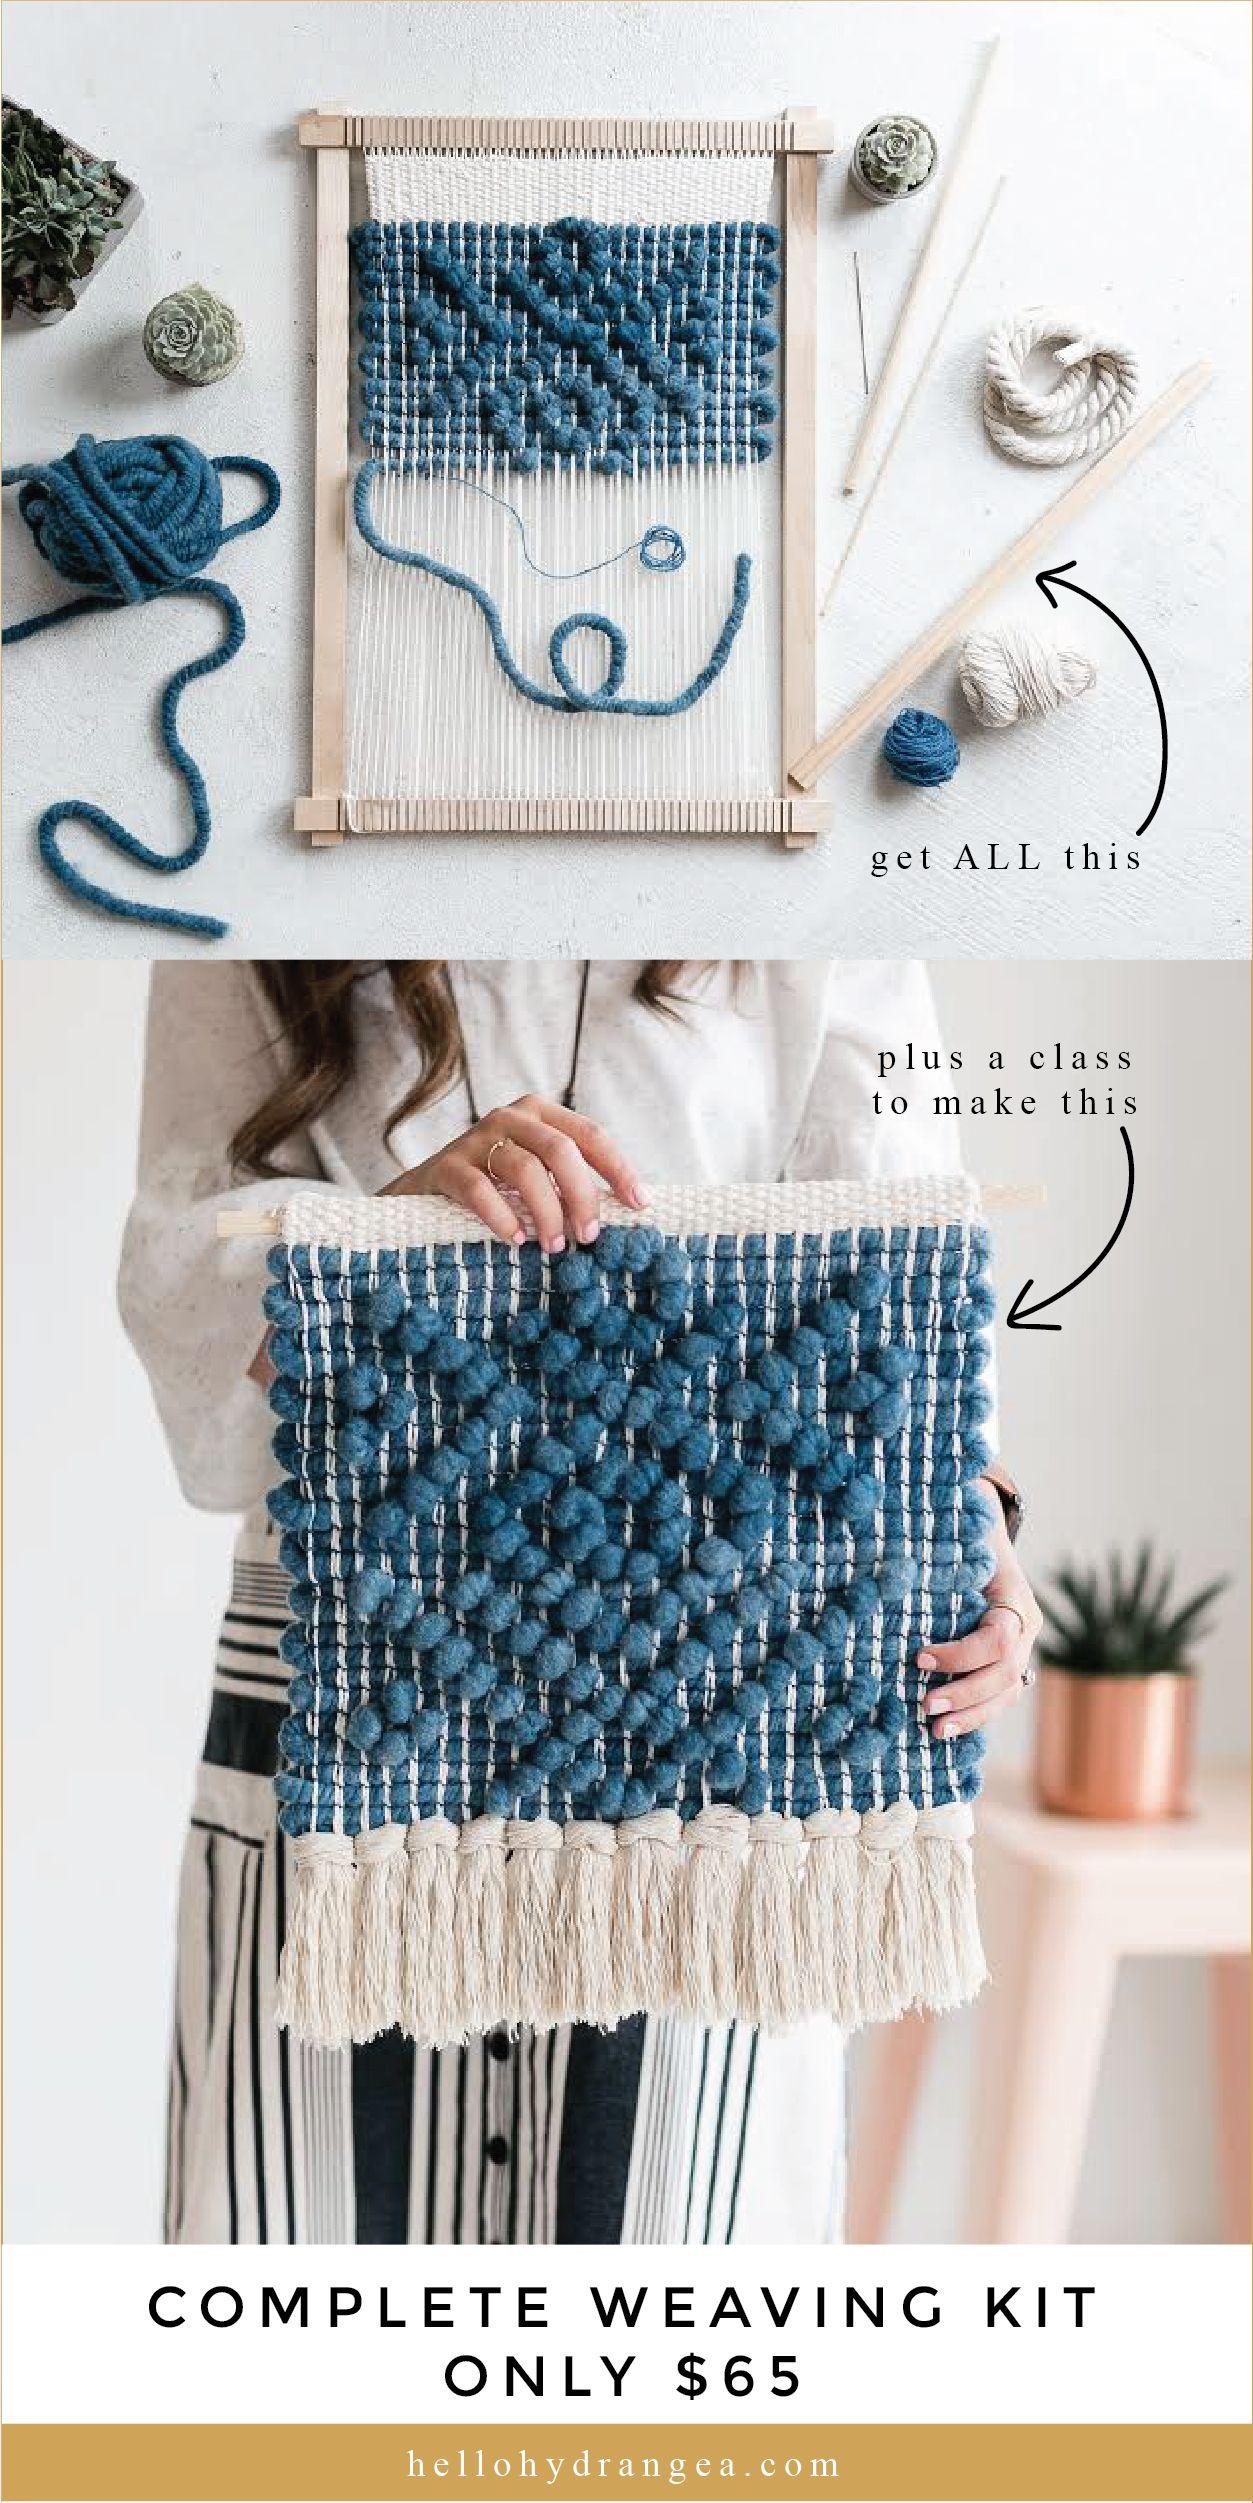 Hello Hydrangea + The Crafter's Box — Hello Hydrangea